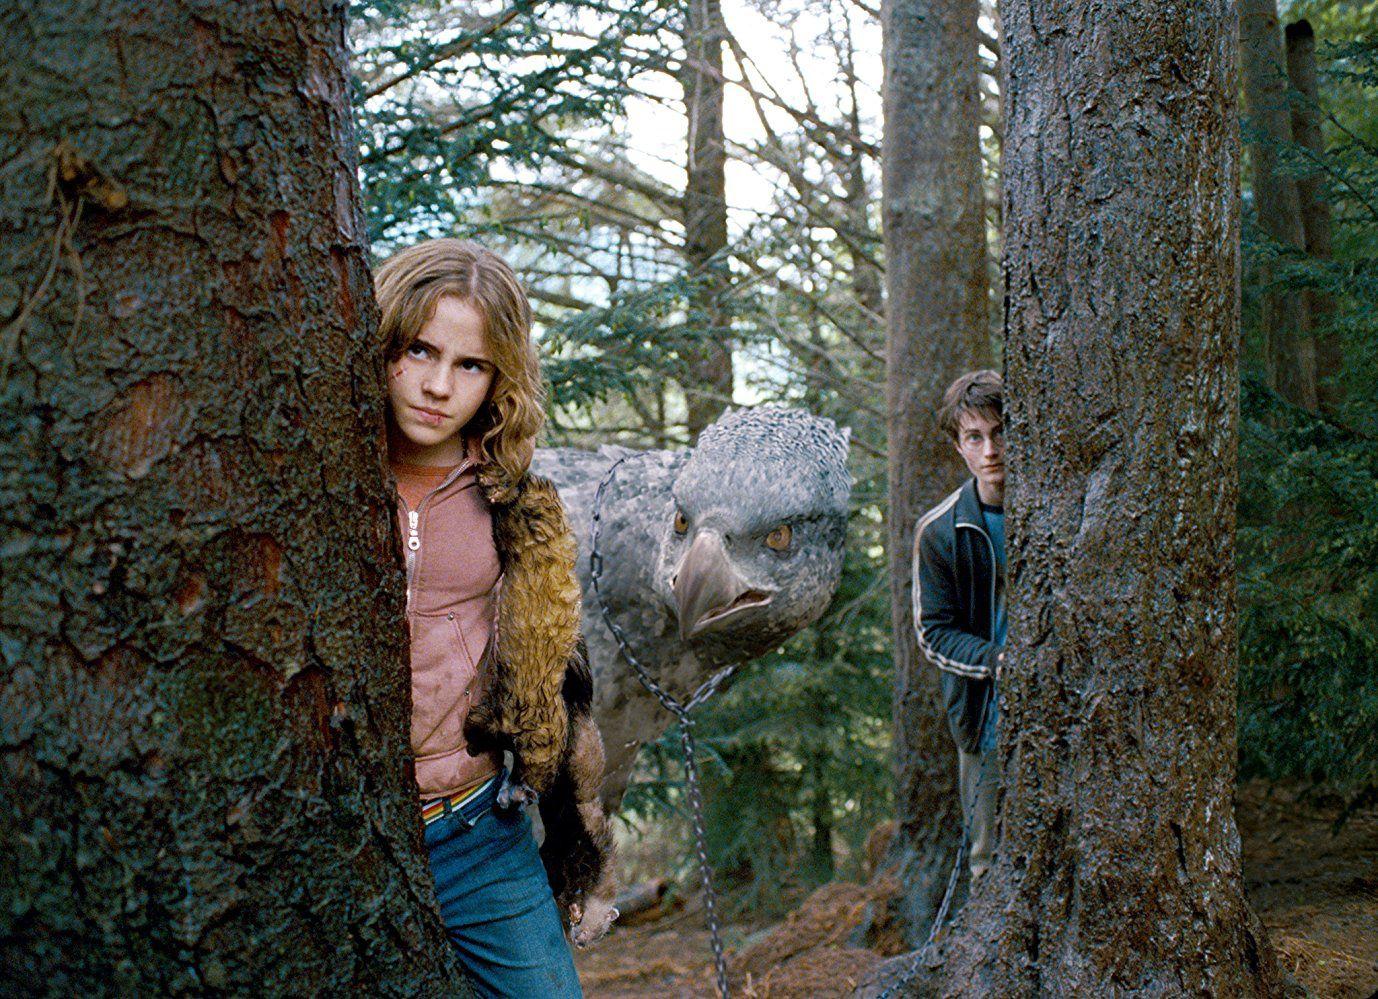 Harry Potter et le prisonnier d'Azkaban (2003) Alfonso Cuaron